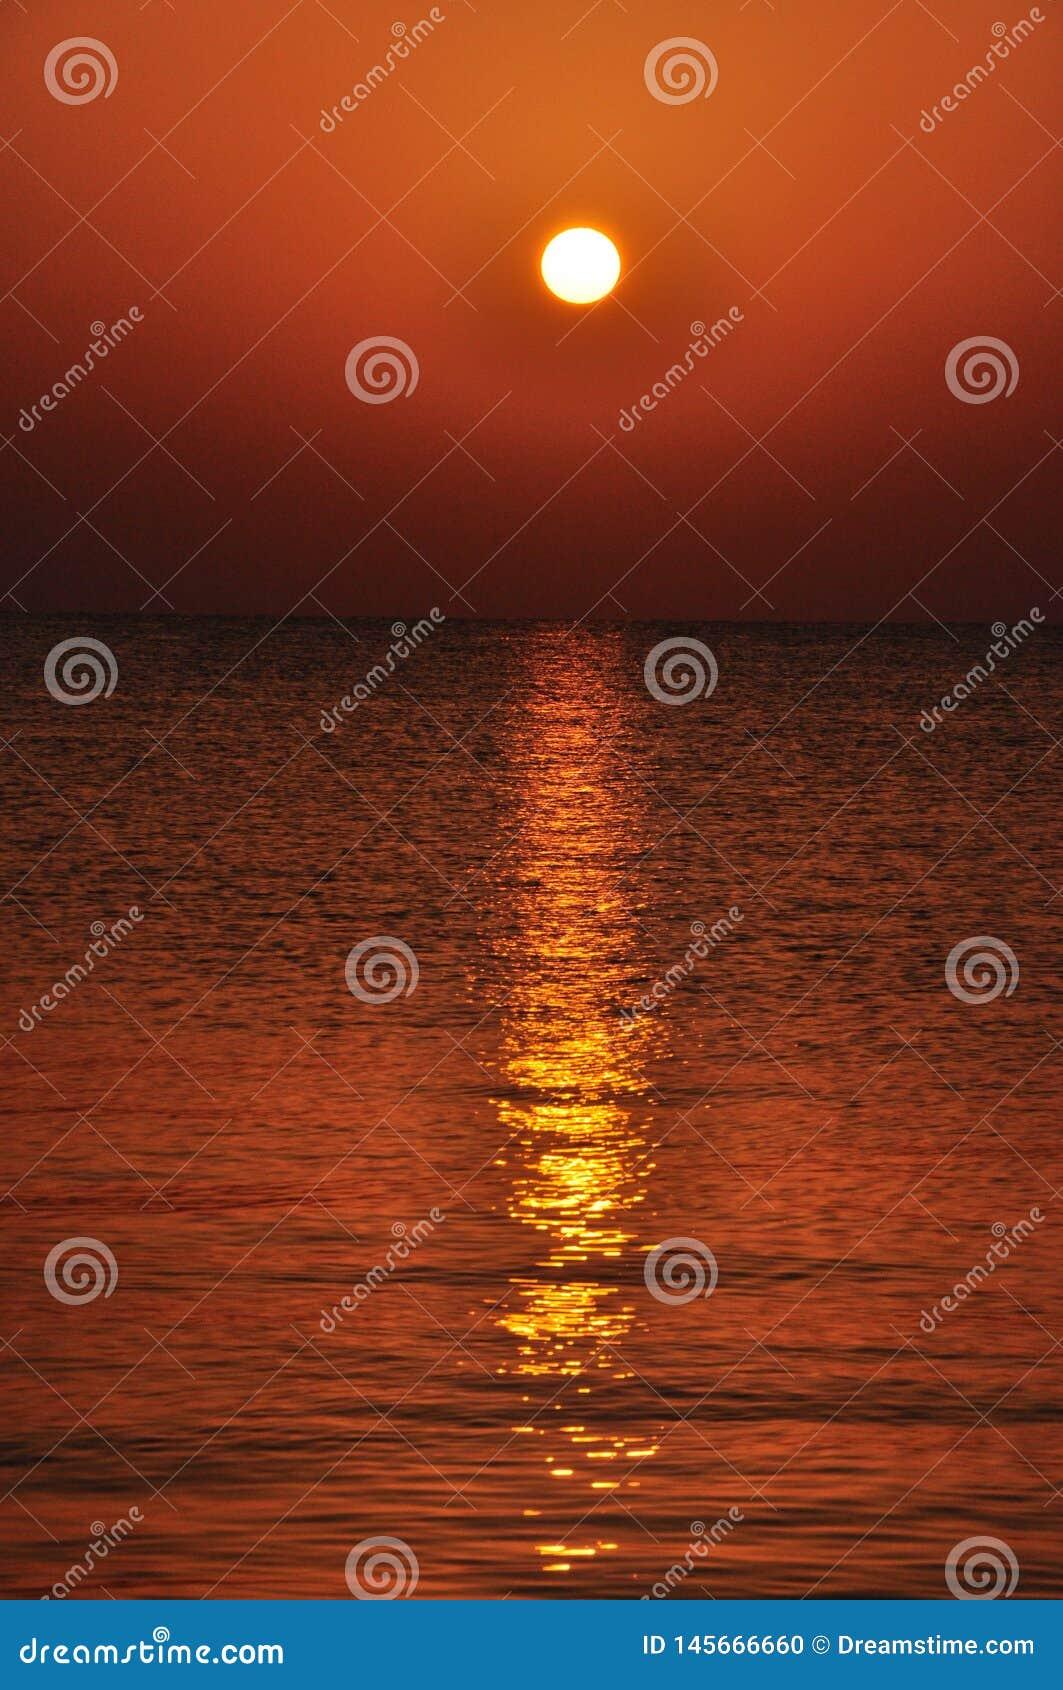 Zonsondergang over de overzeese oppervlakte met bezinningen van stralen op de oppervlakte